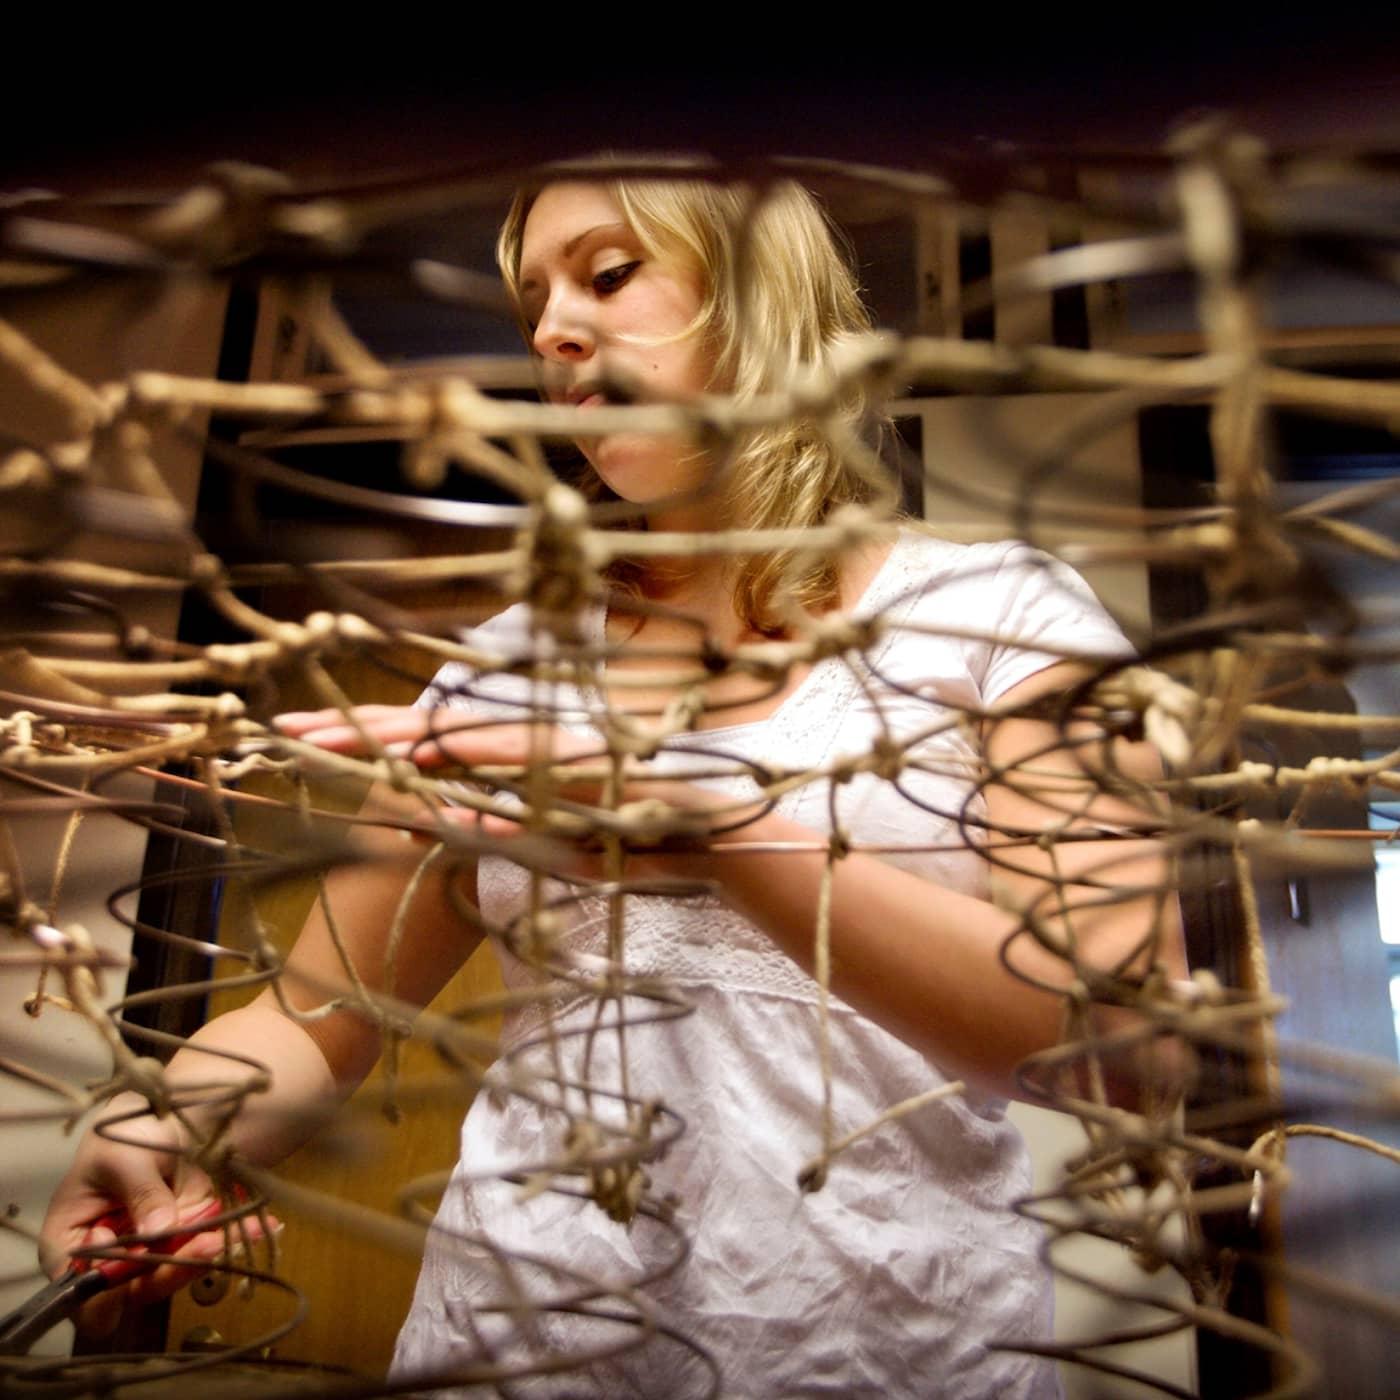 Chatta och dejta online i Kristianstad | Trffa kvinnor och mn i